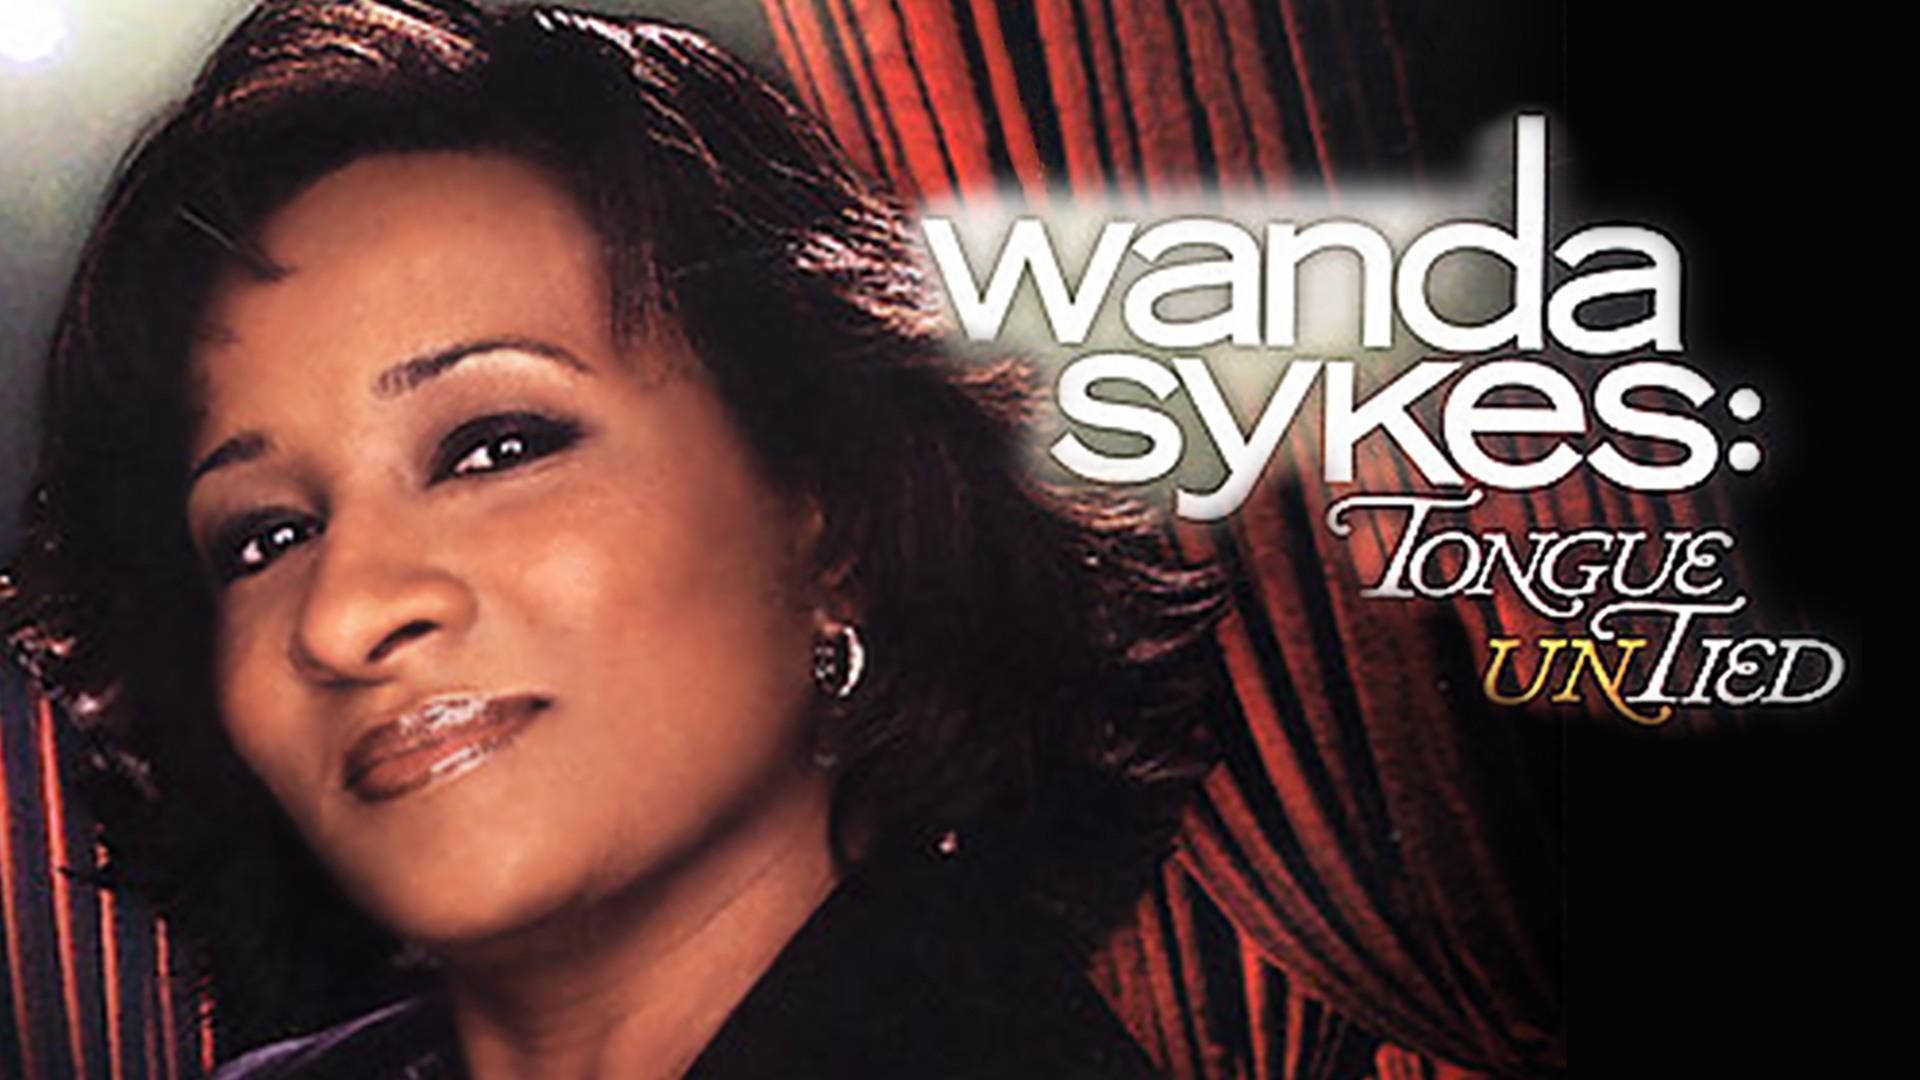 WANDA SYKES - TONGUE UNTIED